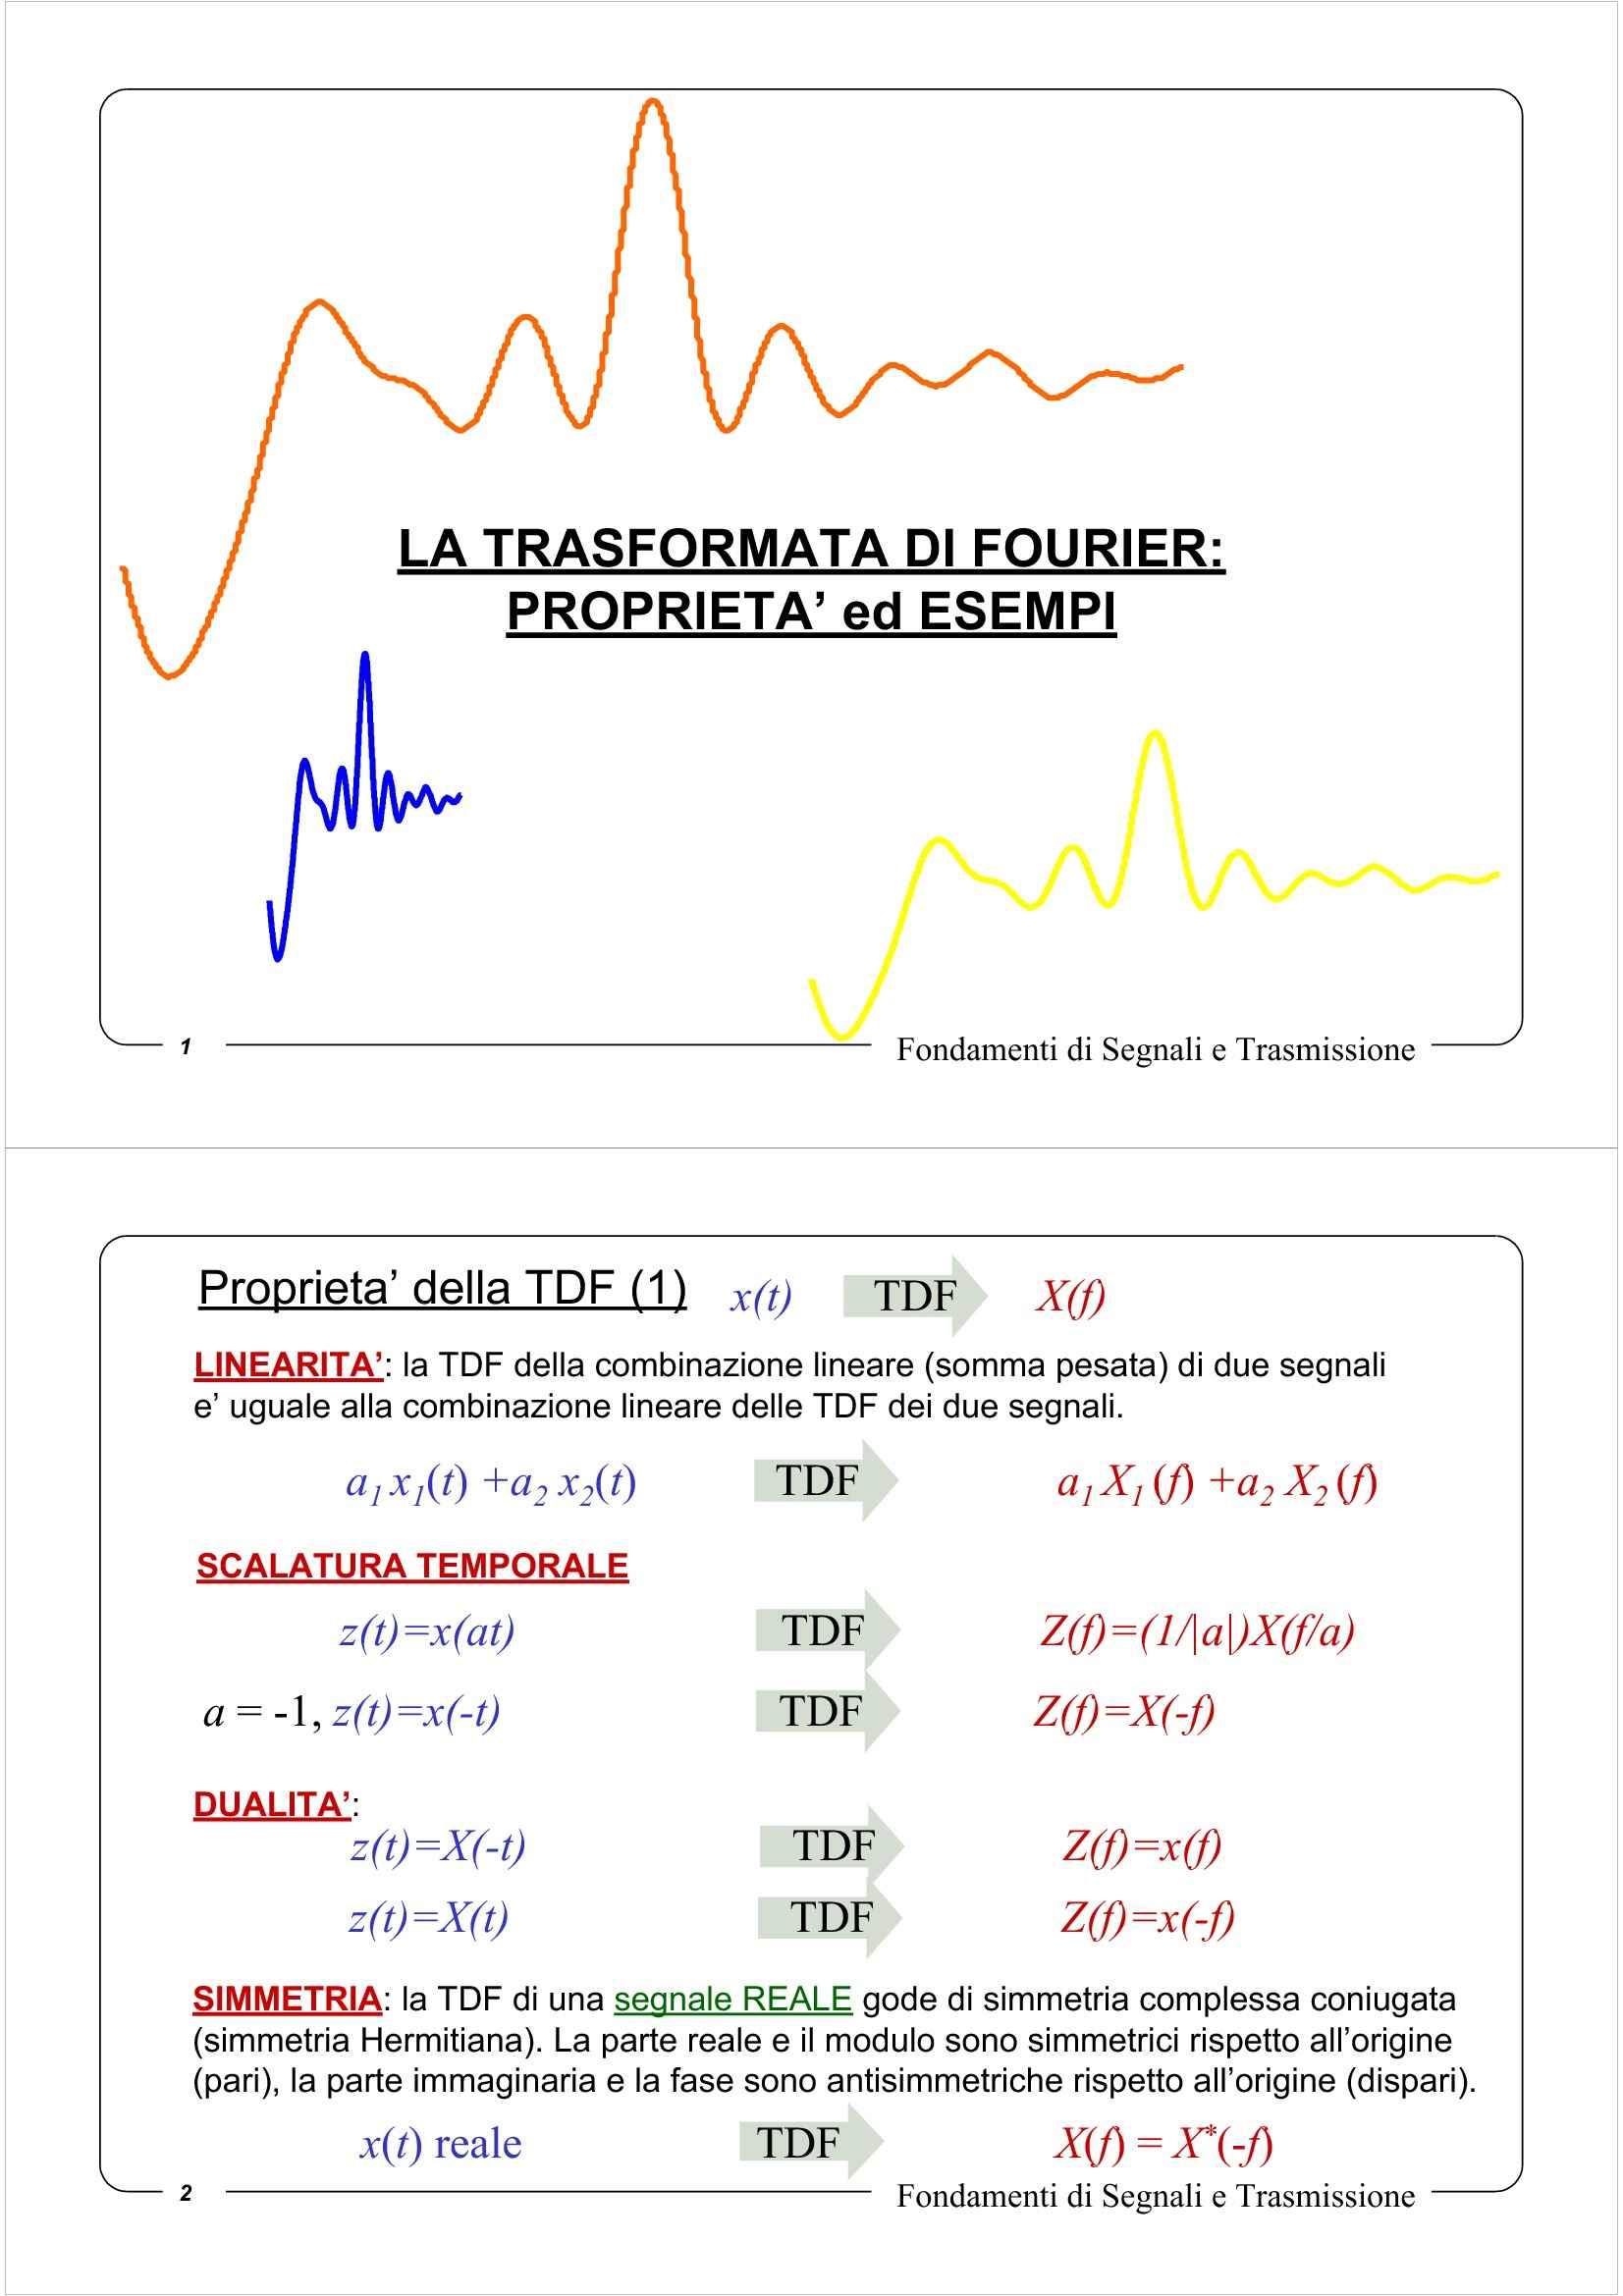 Trasformata di Fourier - Proprietà ed esempi